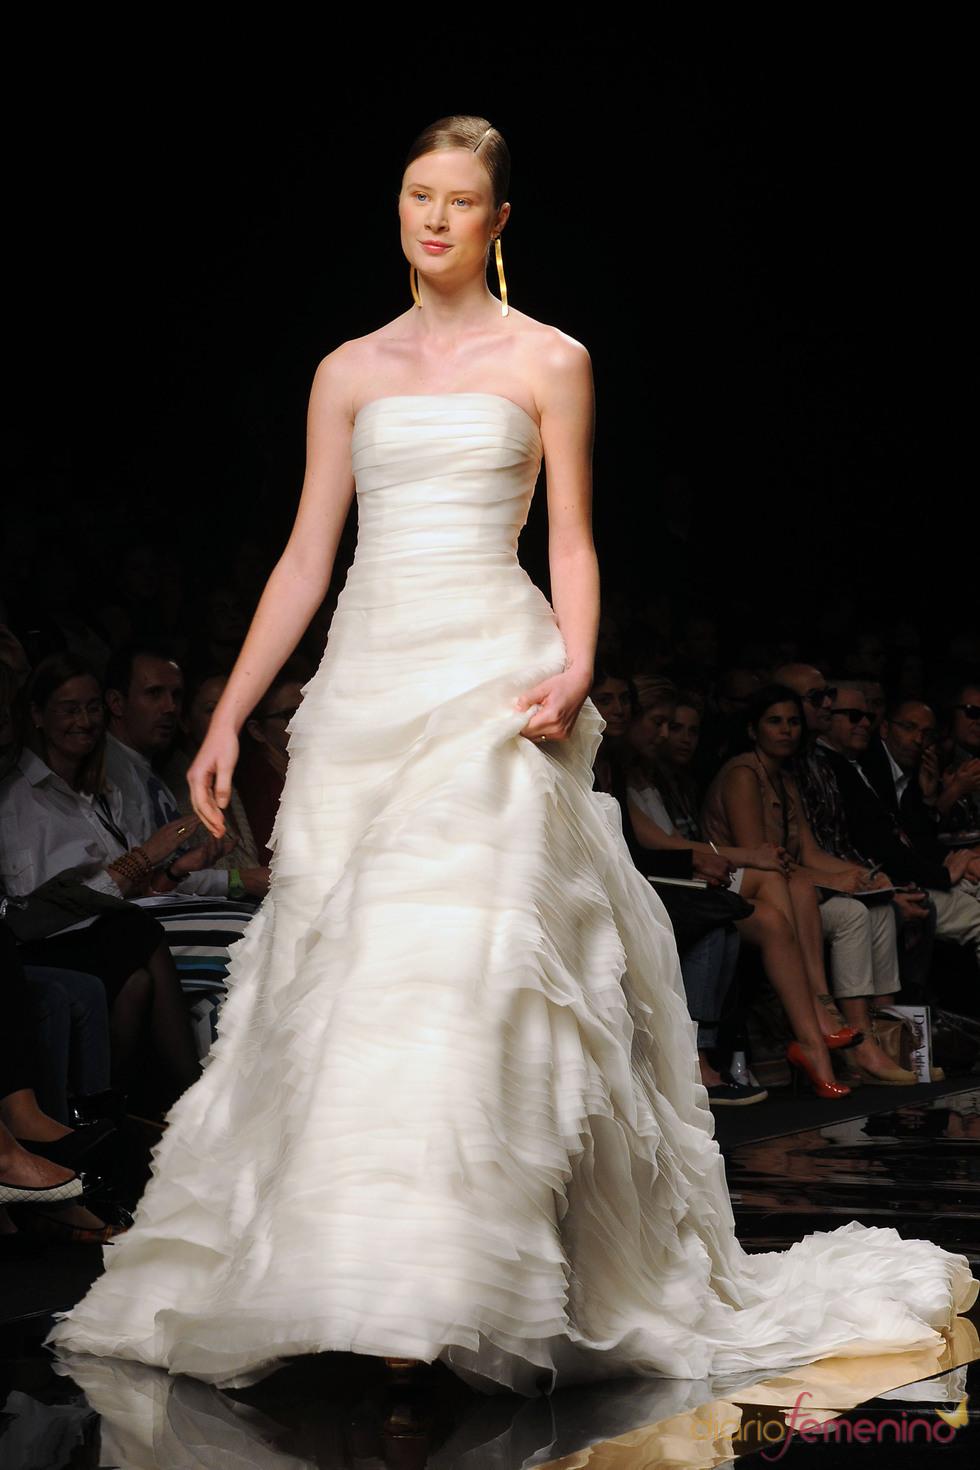 Katerina Strygina desfilando para Rosa Clará en la Barcelona Bridal Week 2011